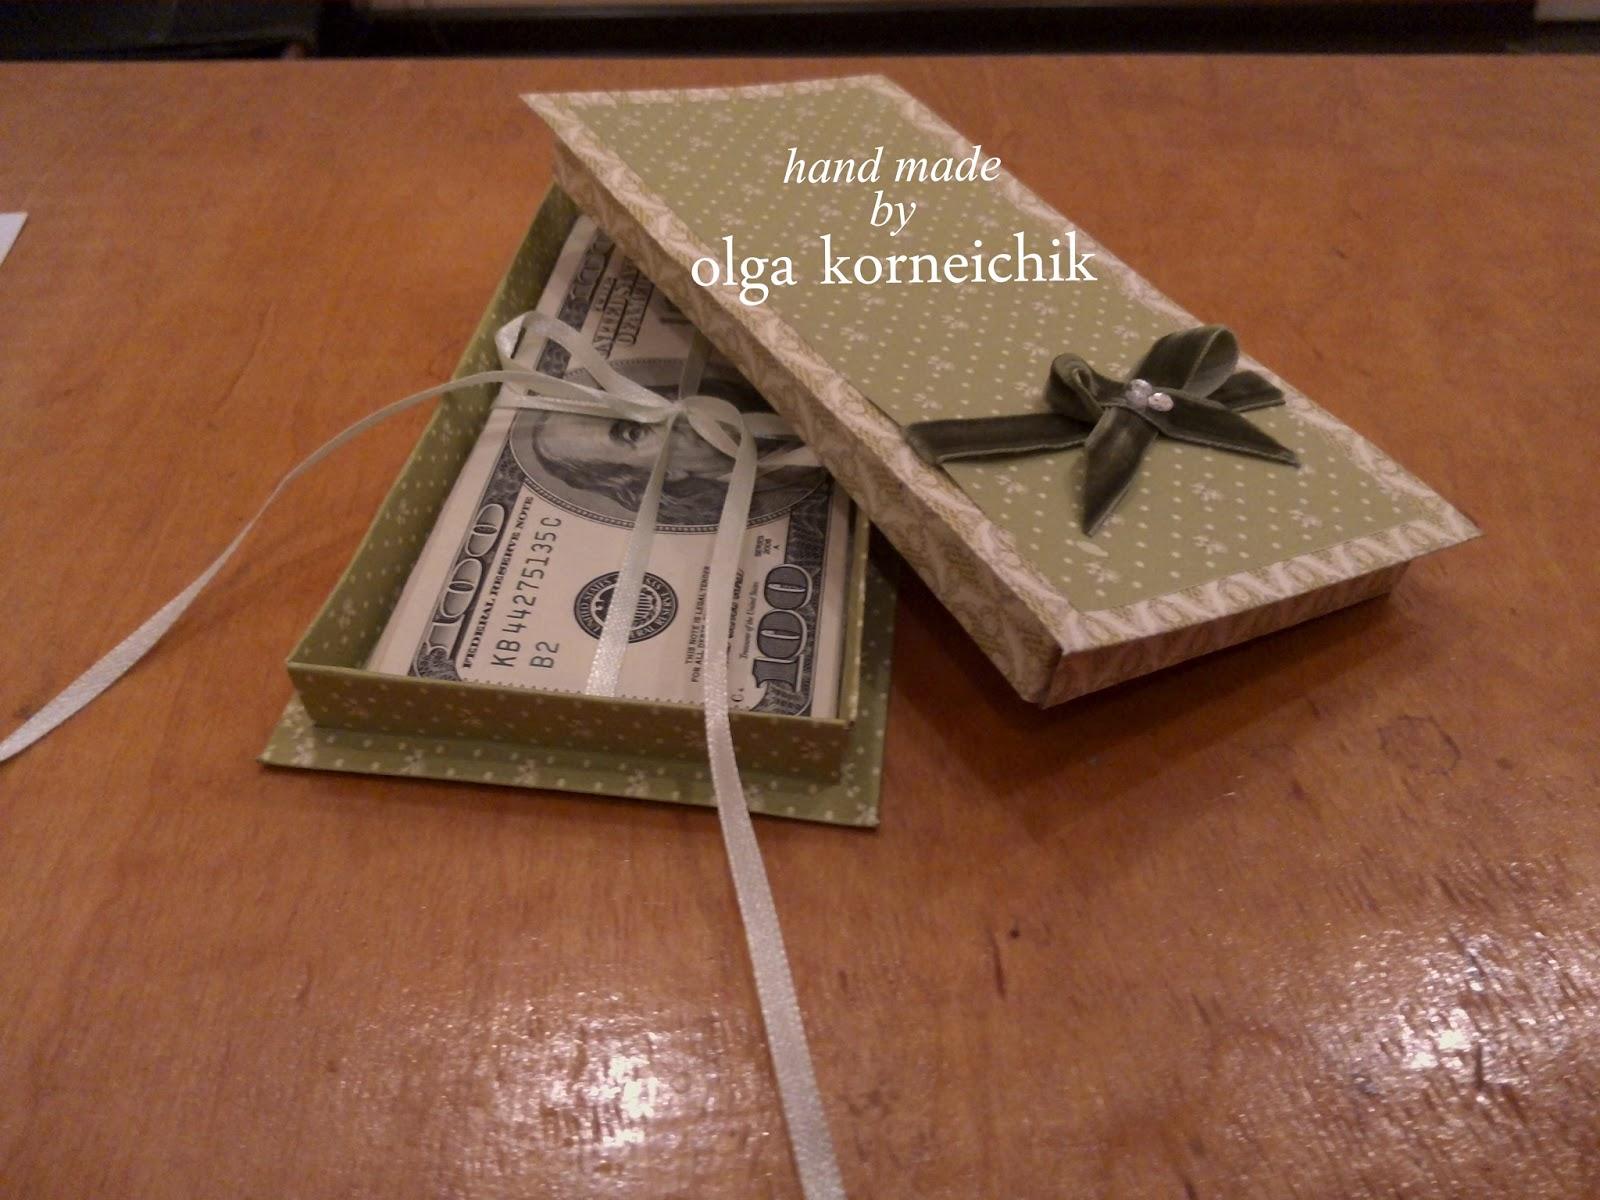 Лучшие идеи, как подарить деньги